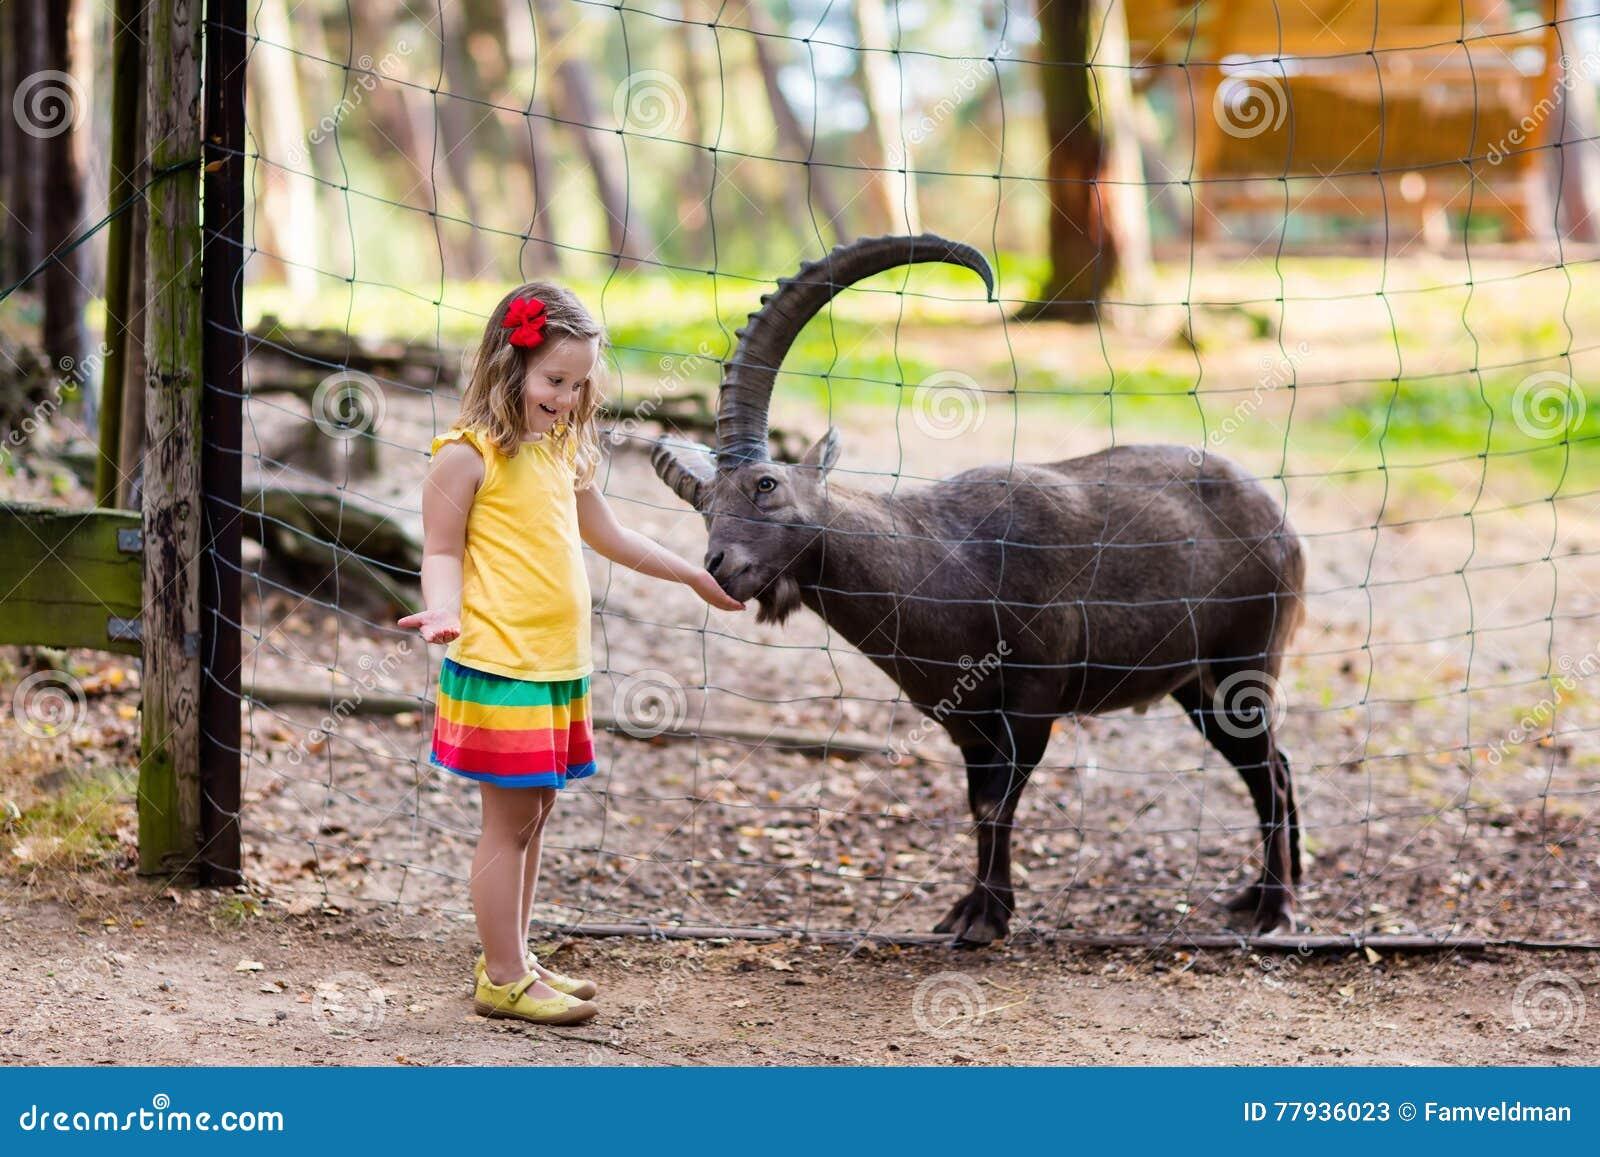 Μικρό κορίτσι που ταΐζει την άγρια αίγα στο ζωολογικό κήπο